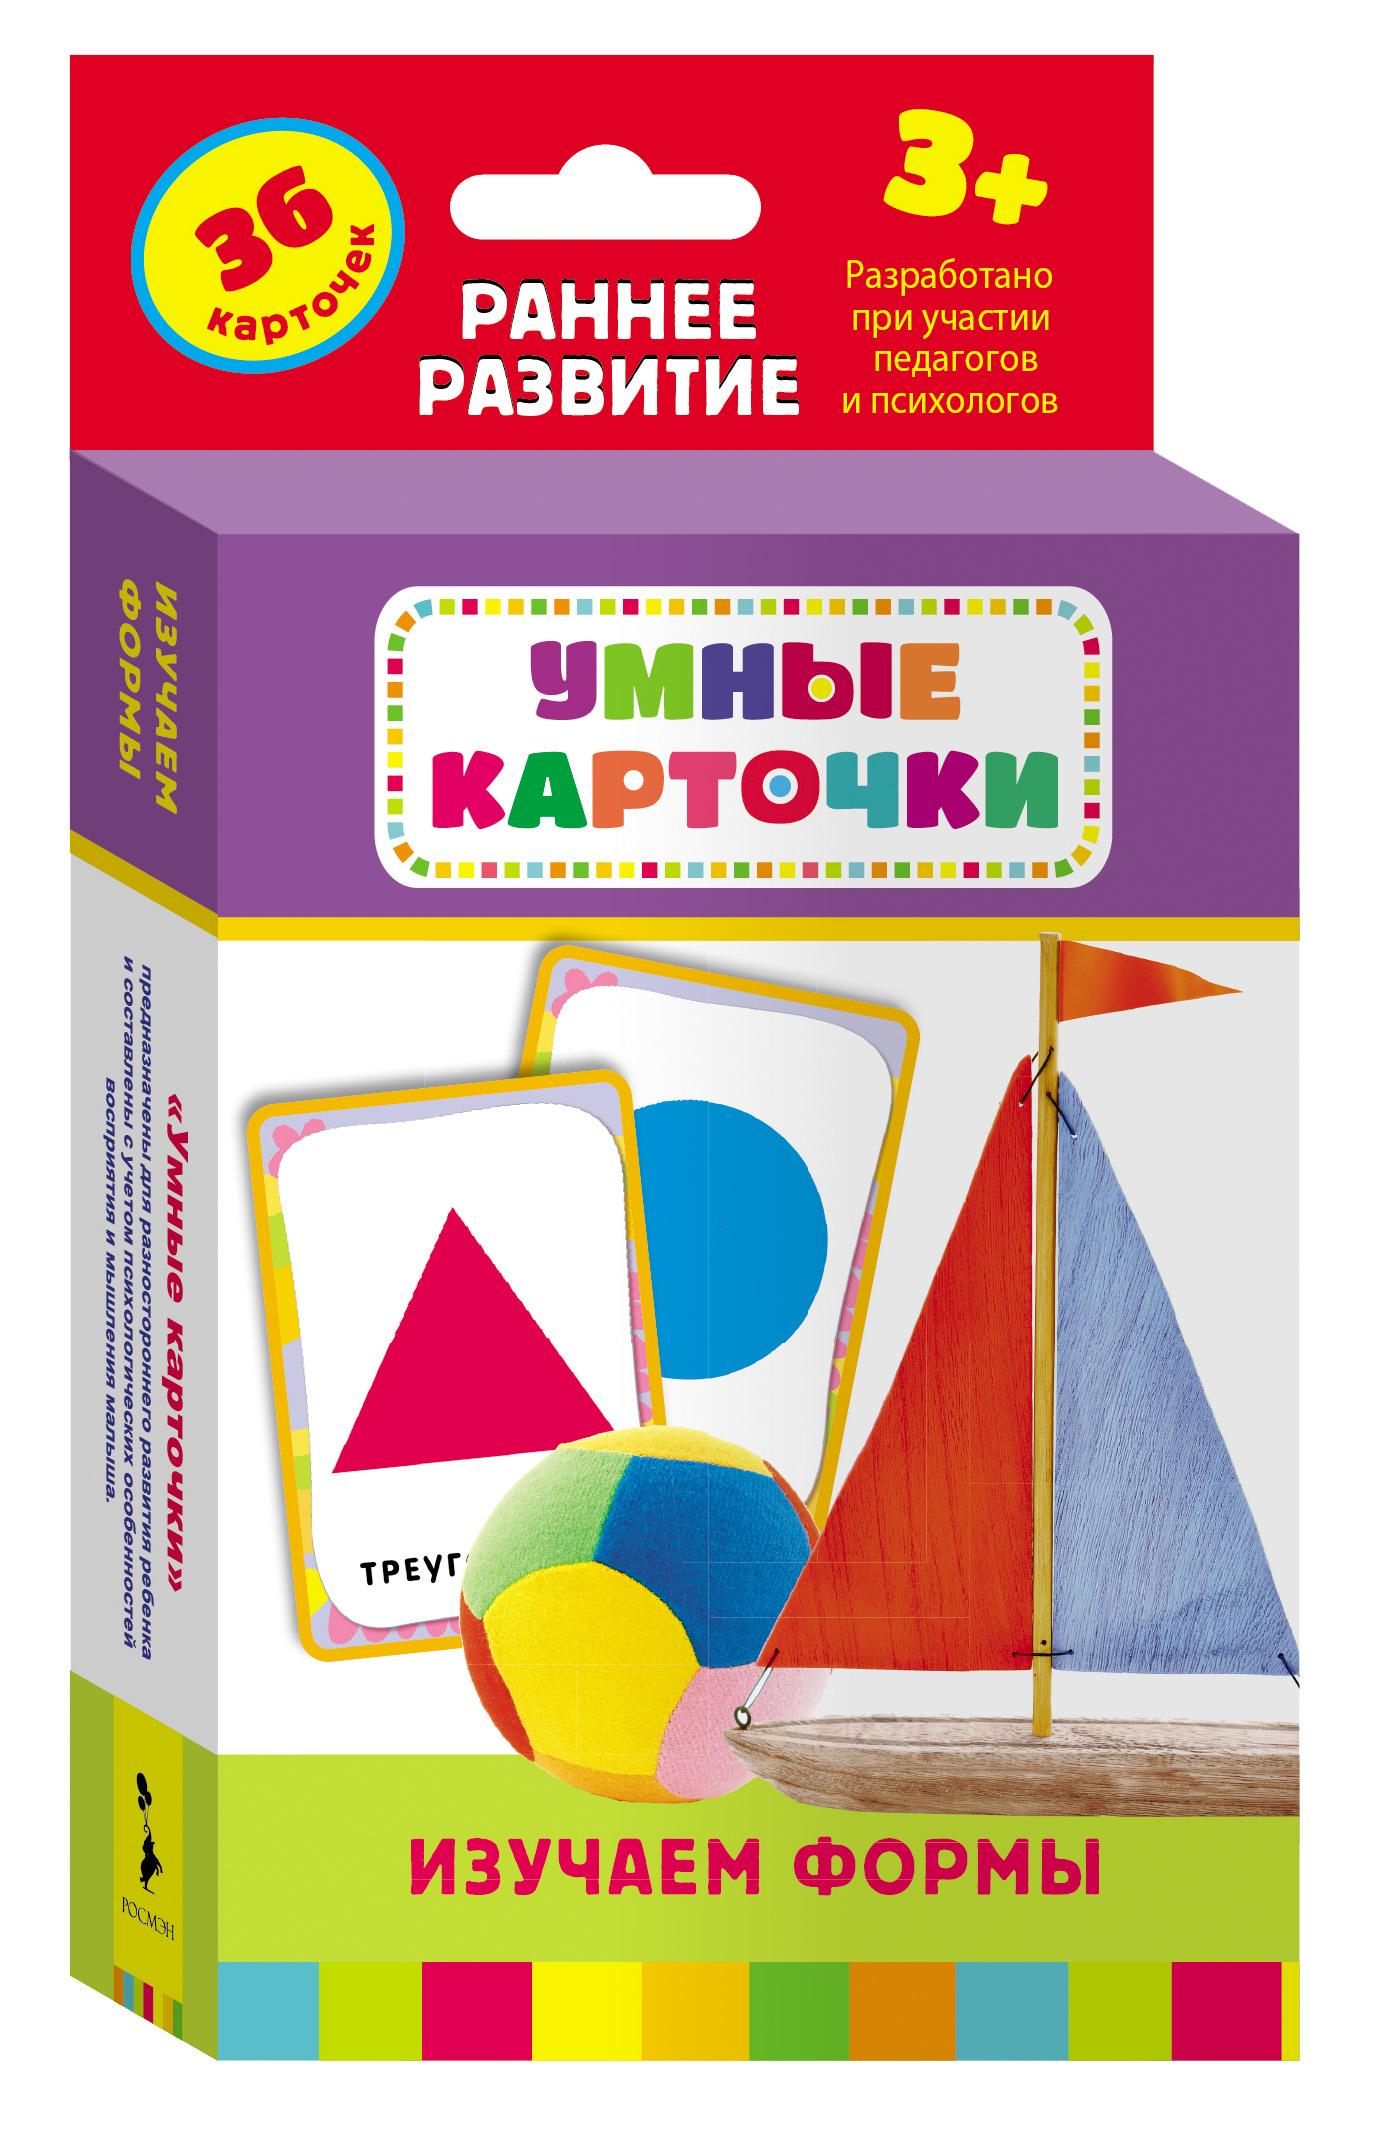 Развивающие карточки - Изучаем формы, 3+Развивающие пособия и умные карточки<br>Развивающие карточки - Изучаем формы, 3+<br>